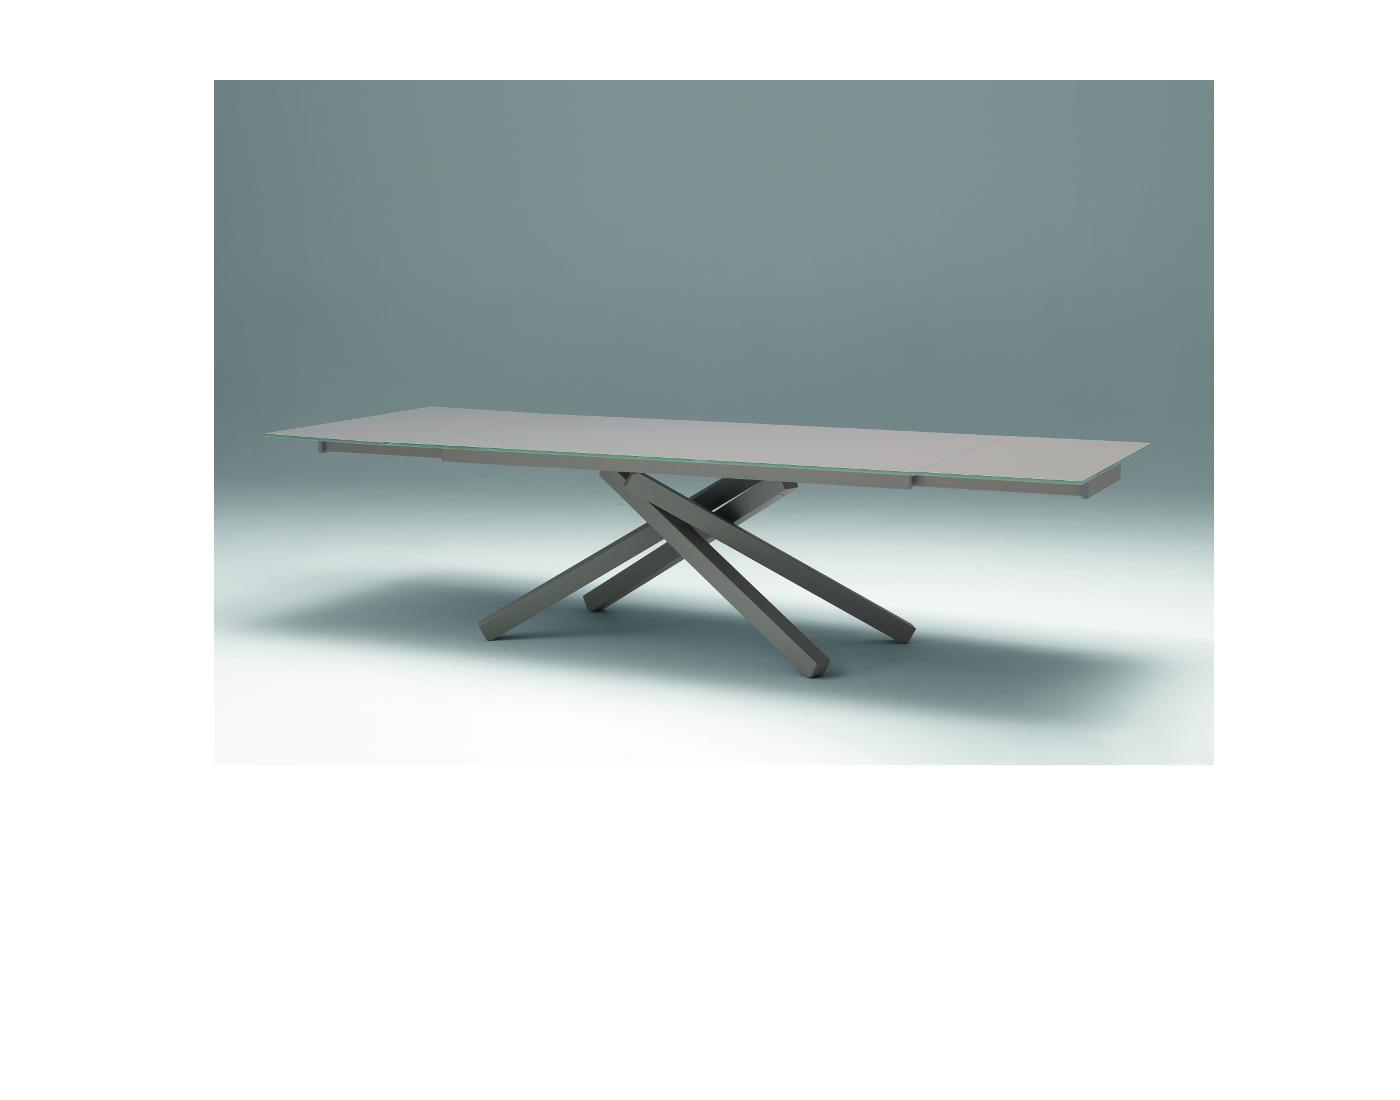 Extendable Boardroom Table Extendable Boardroom Table  : Pechino Smart Extendable Boardroom Table from diydesign.org size 1400 x 1100 jpeg 2138kB